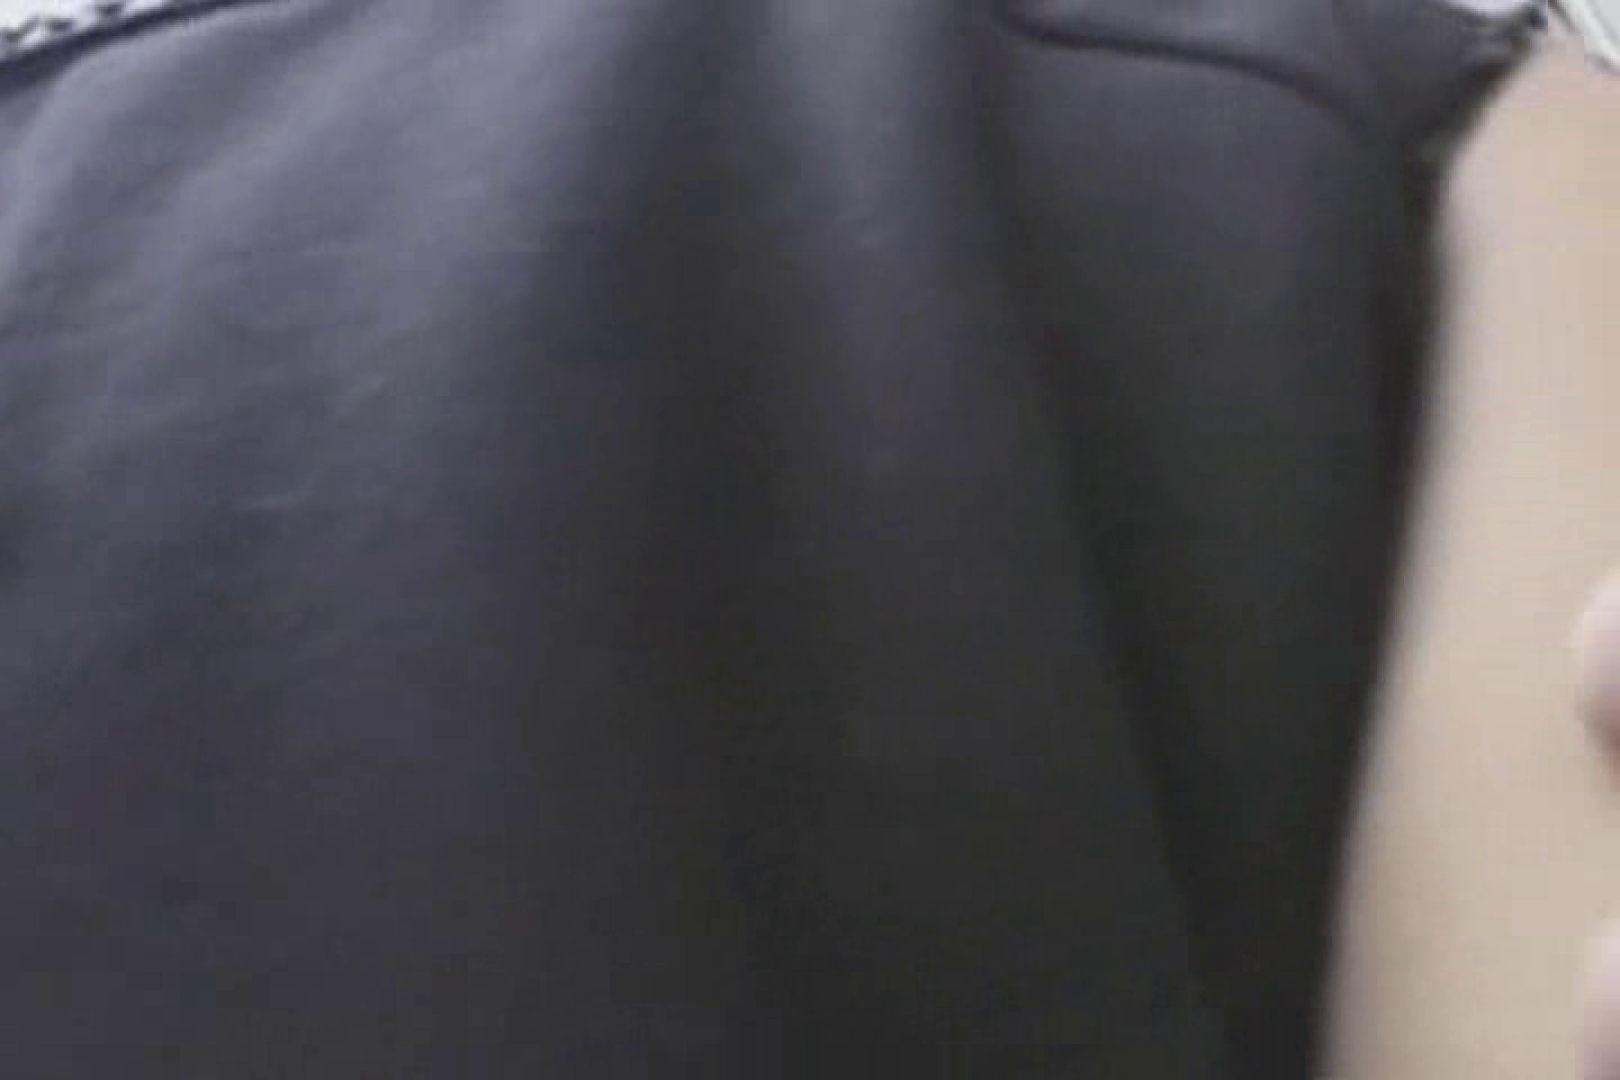 ぶっ掛け電車 只今運行中Vol.2 OLセックス 盗撮動画紹介 110画像 56